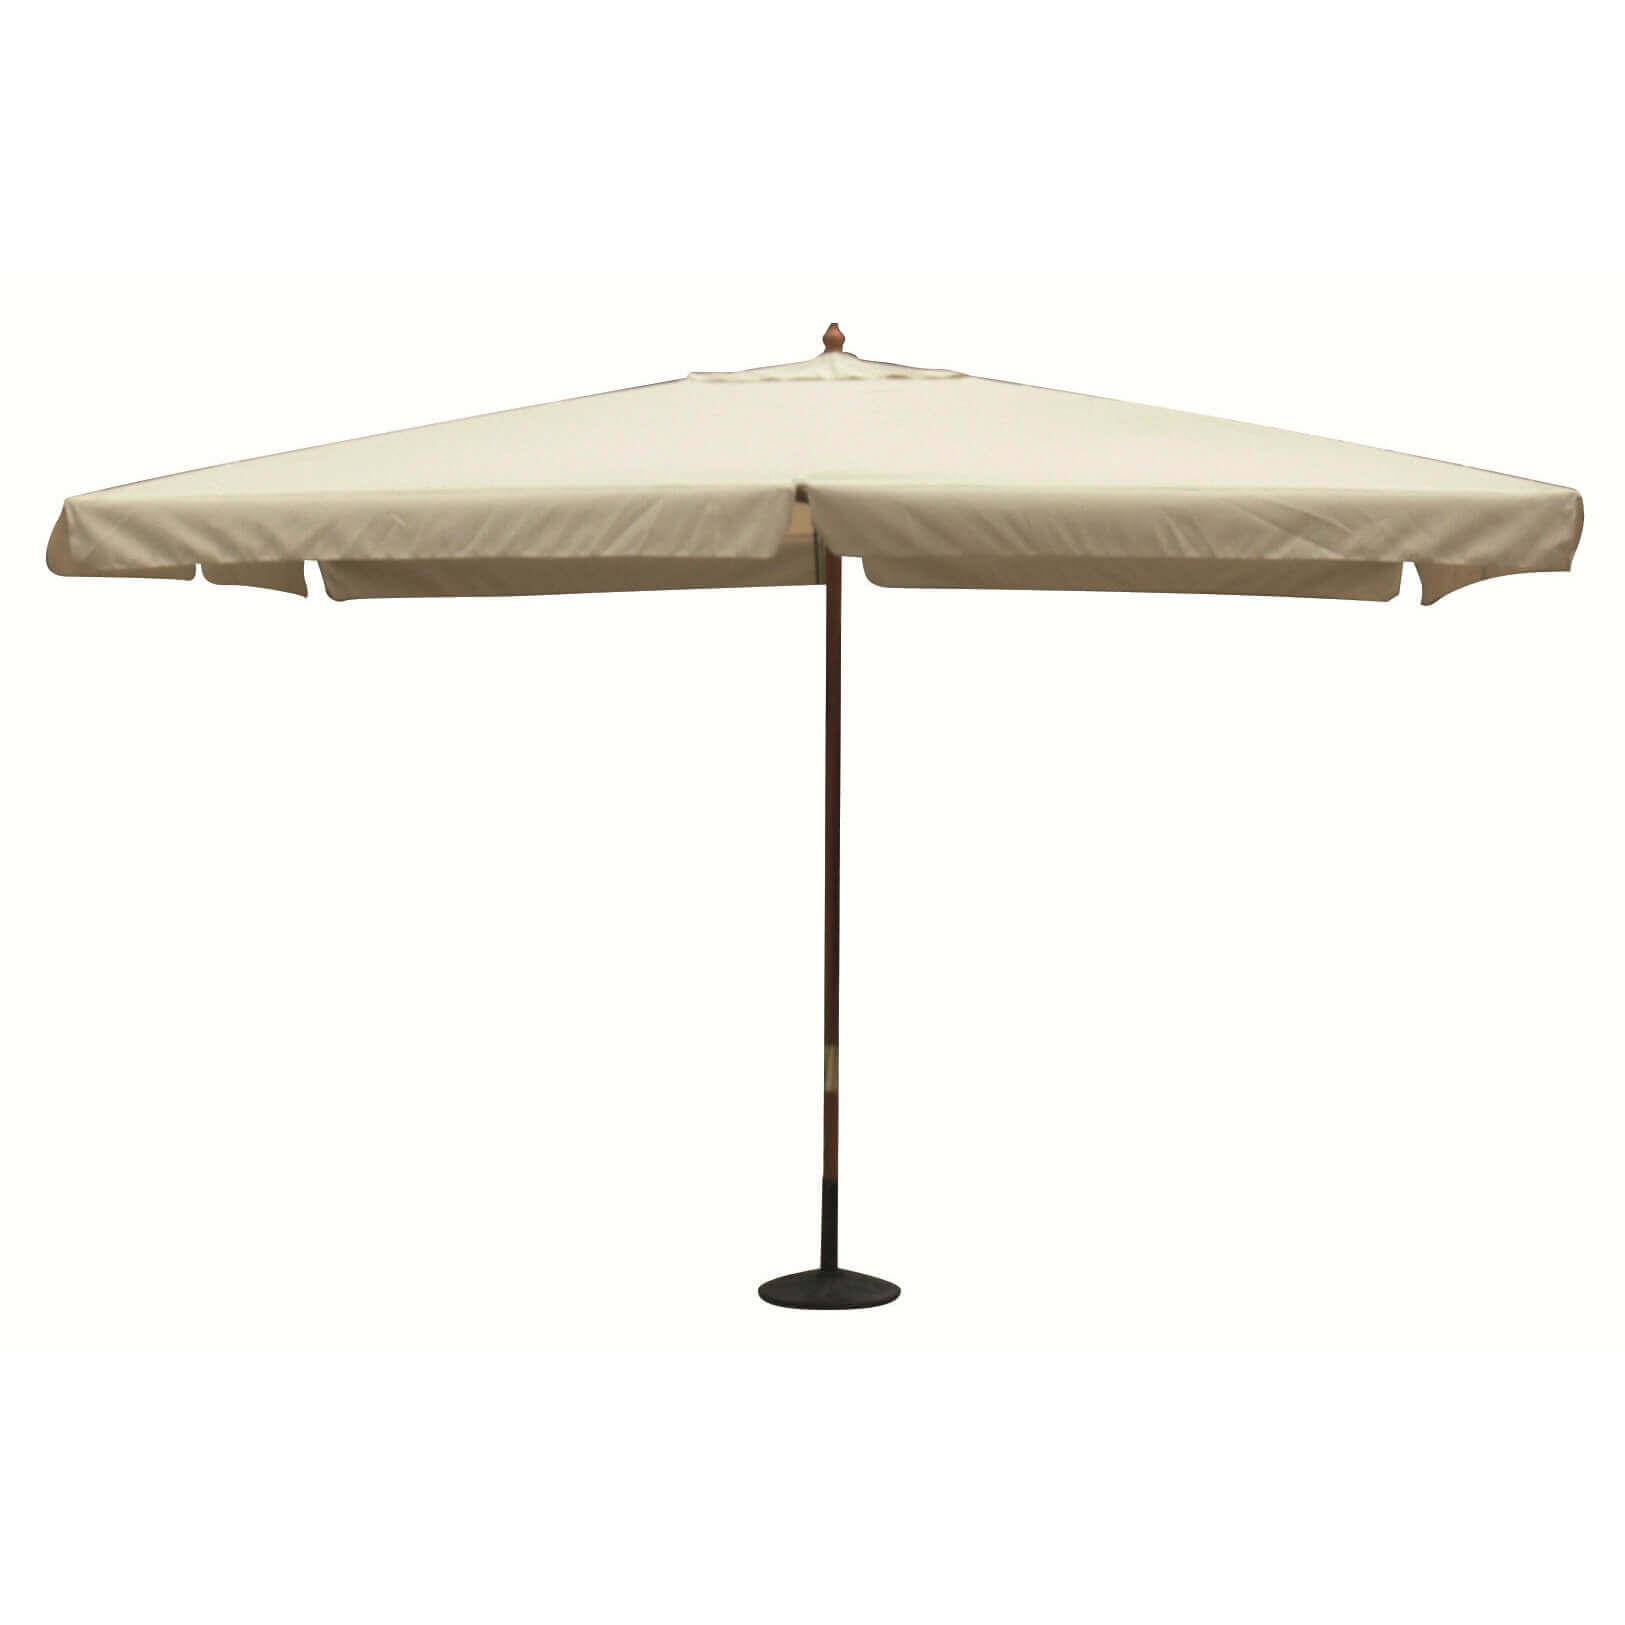 Milani Home DOMINUS - ombrellone da giardino 2 x 3 palo centrale in legno